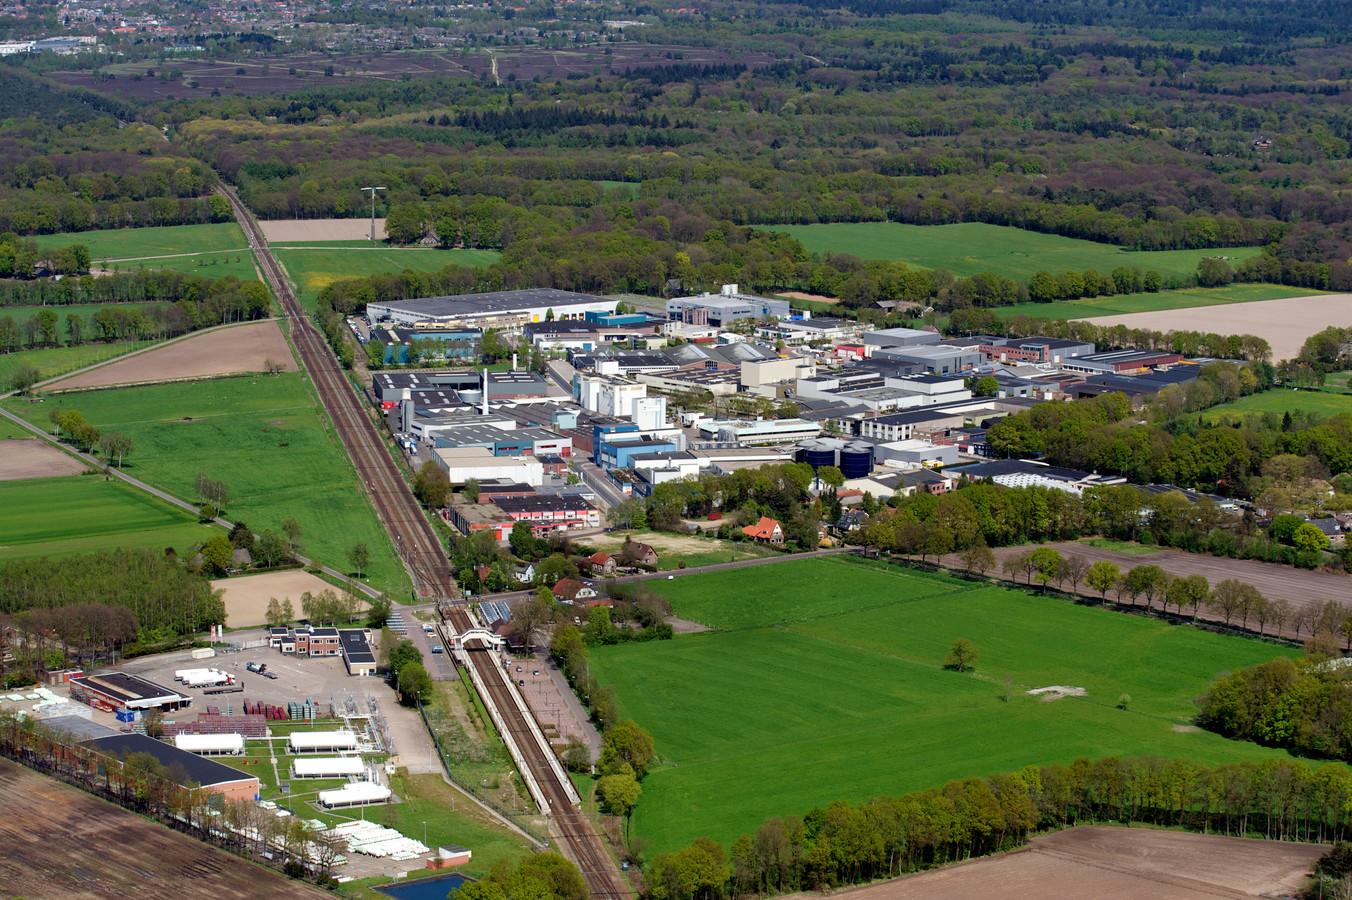 Ten zuiden van het huidige industrieterrein Keizerswoert, rechts langs de spoorbaan, zou ruimte zijn voor zeven hectare nieuw bedrijventerrein, denkt de Bedrijvenkring Putten.